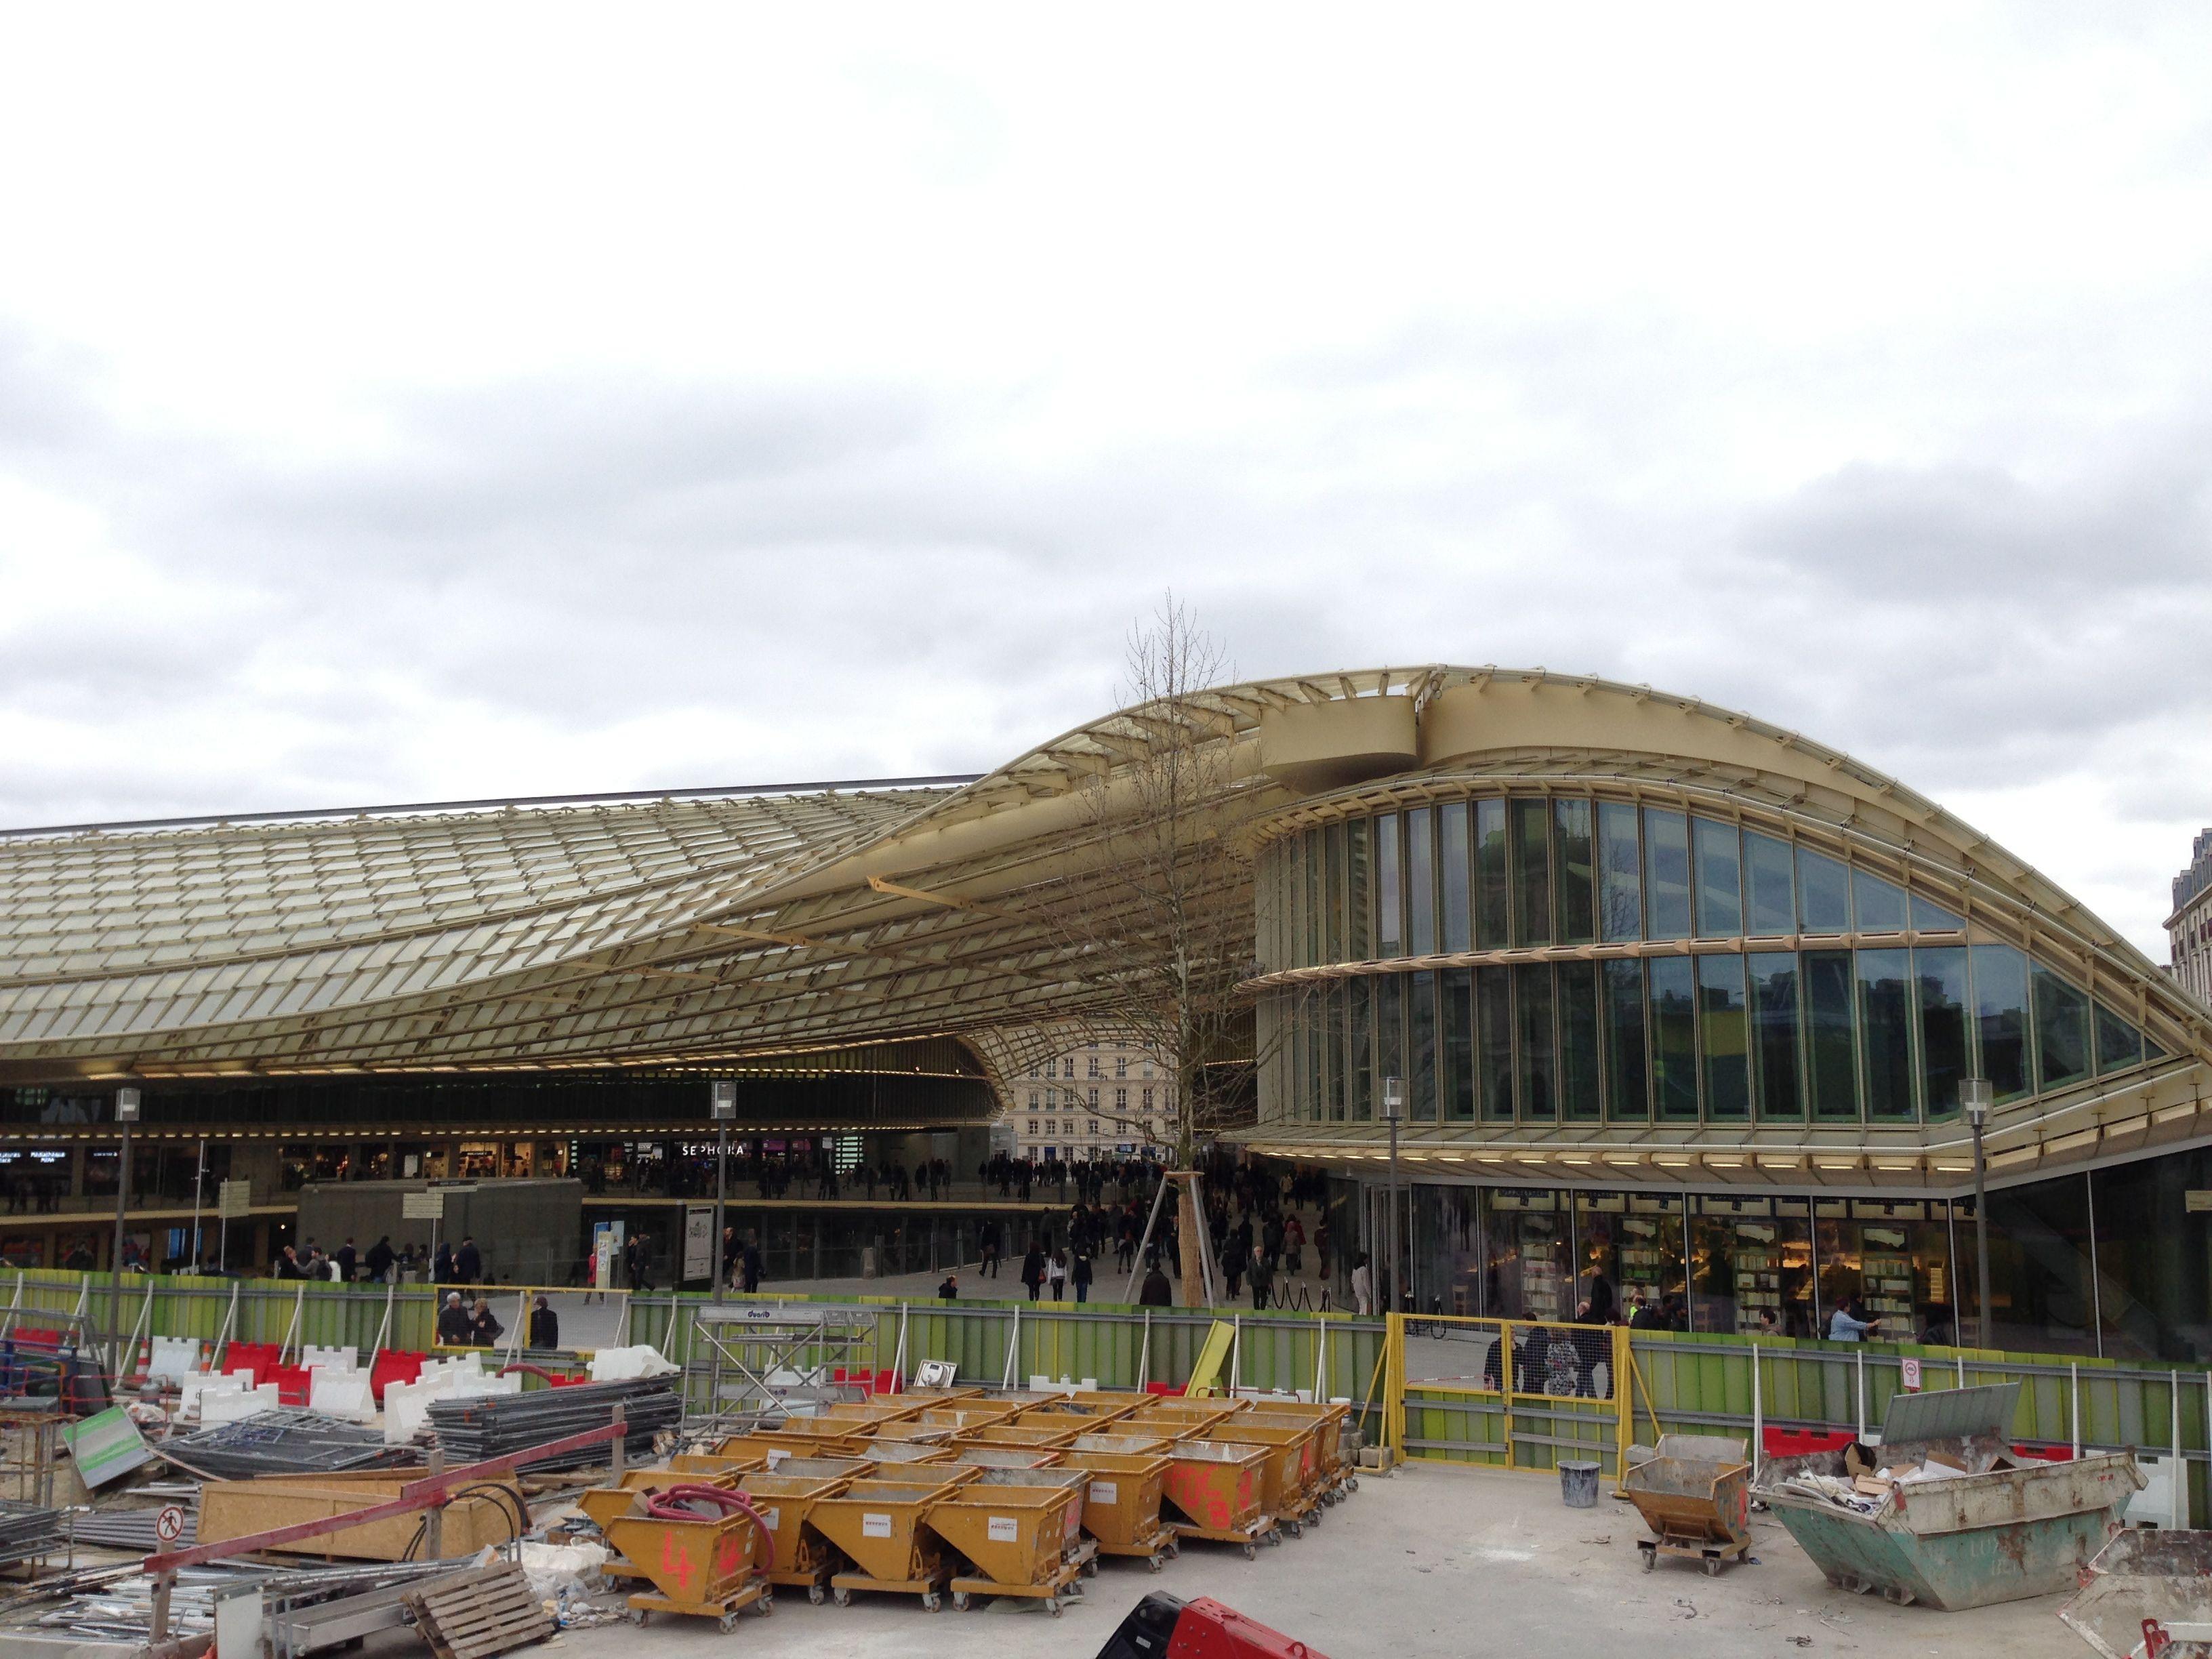 Les halles of paris renovation another architectural flop for La droguerie paris les halles